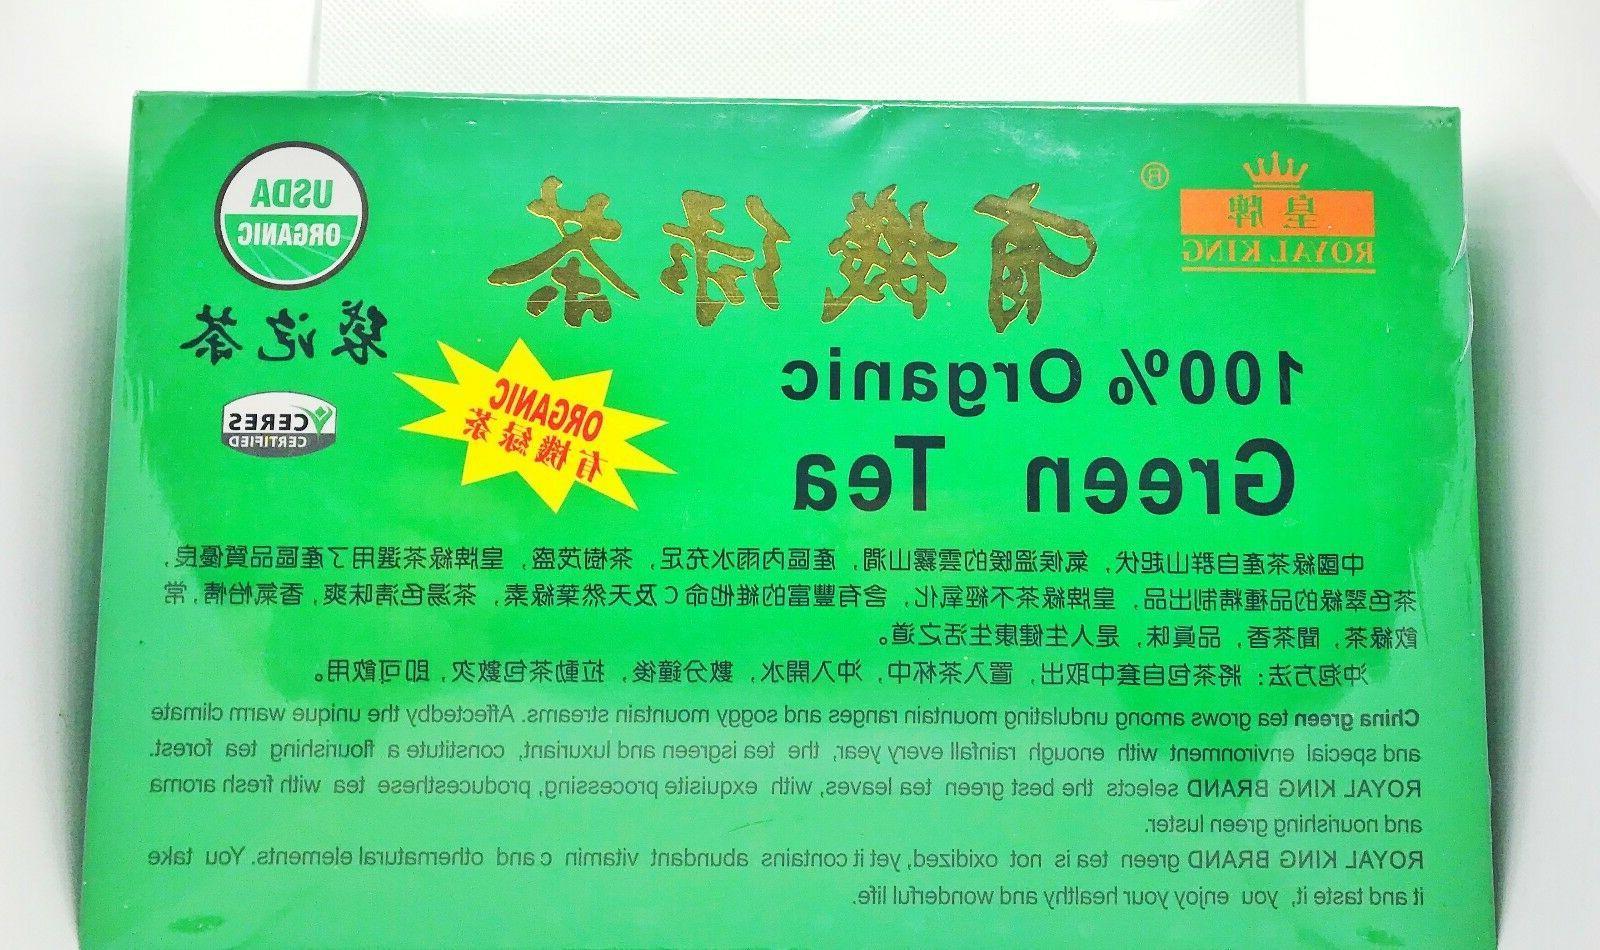 FRESH 100% Organic Green Tea Certified bags.